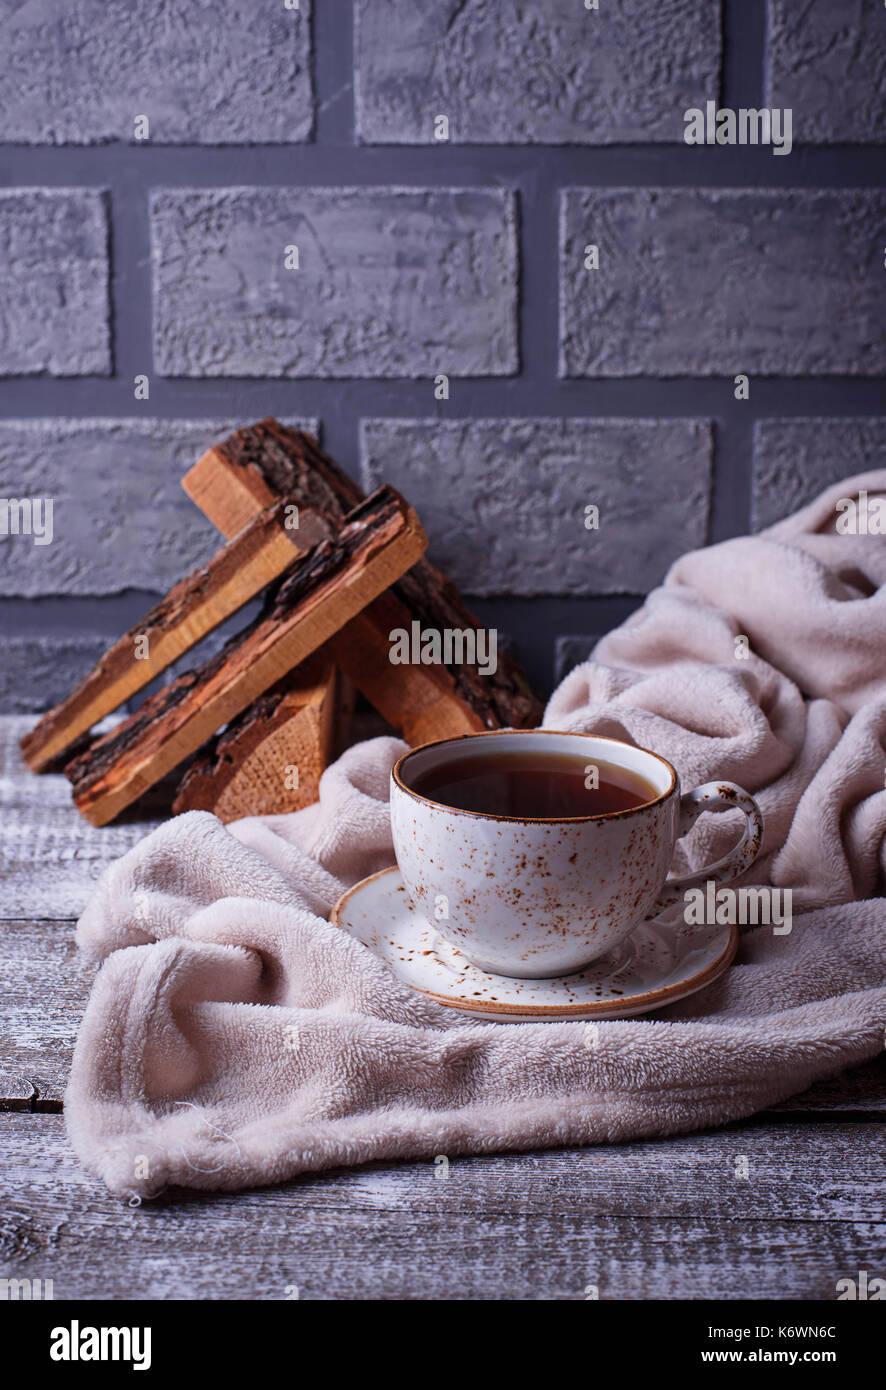 Caffè e wrap, confortevole scandinavo interni home Immagini Stock